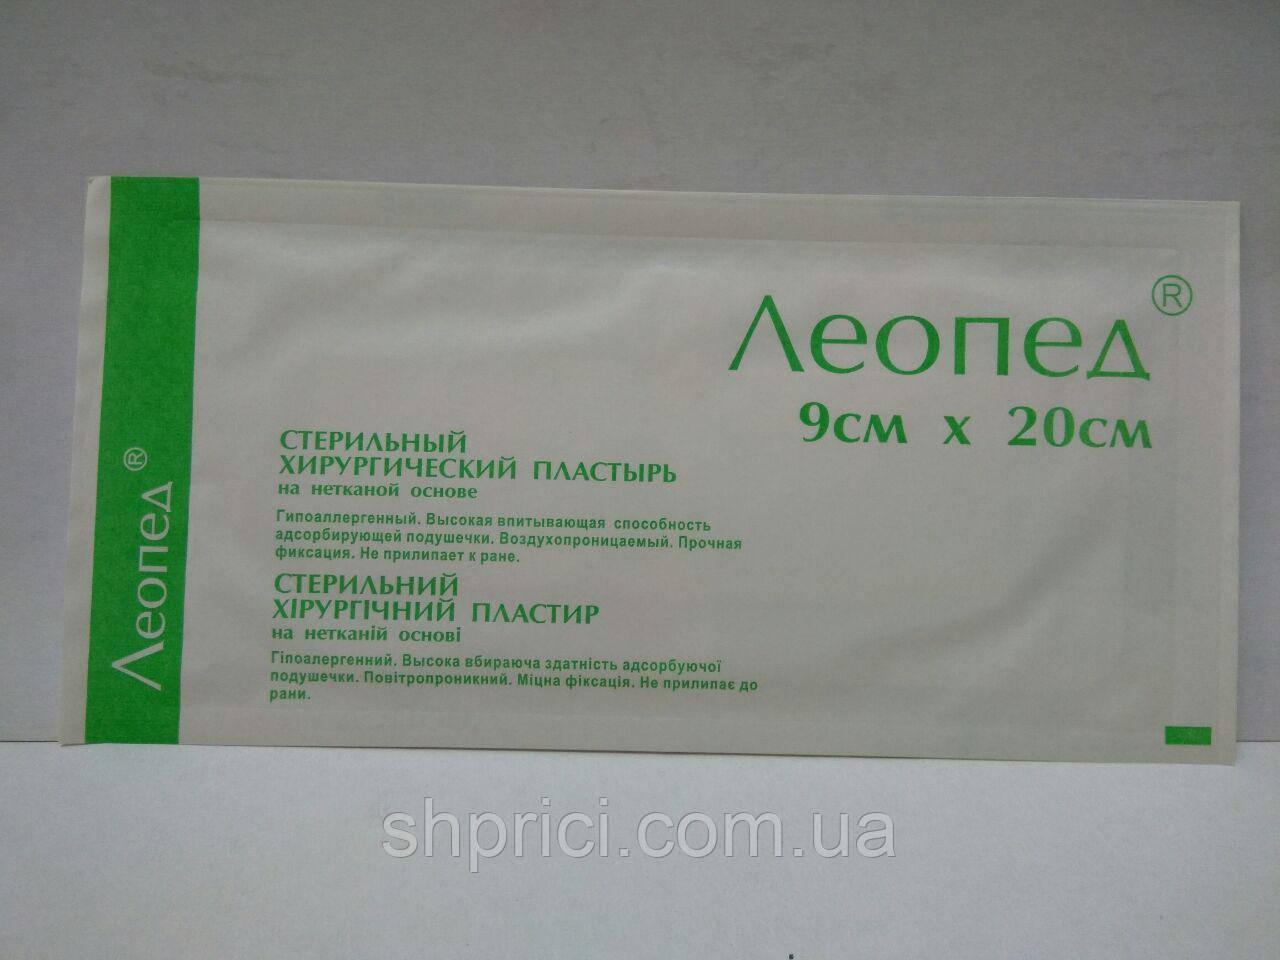 Пластырь хирургический 9см*20 см Леопед стерильный на нетканой основе, №1 / Леон-Фарм